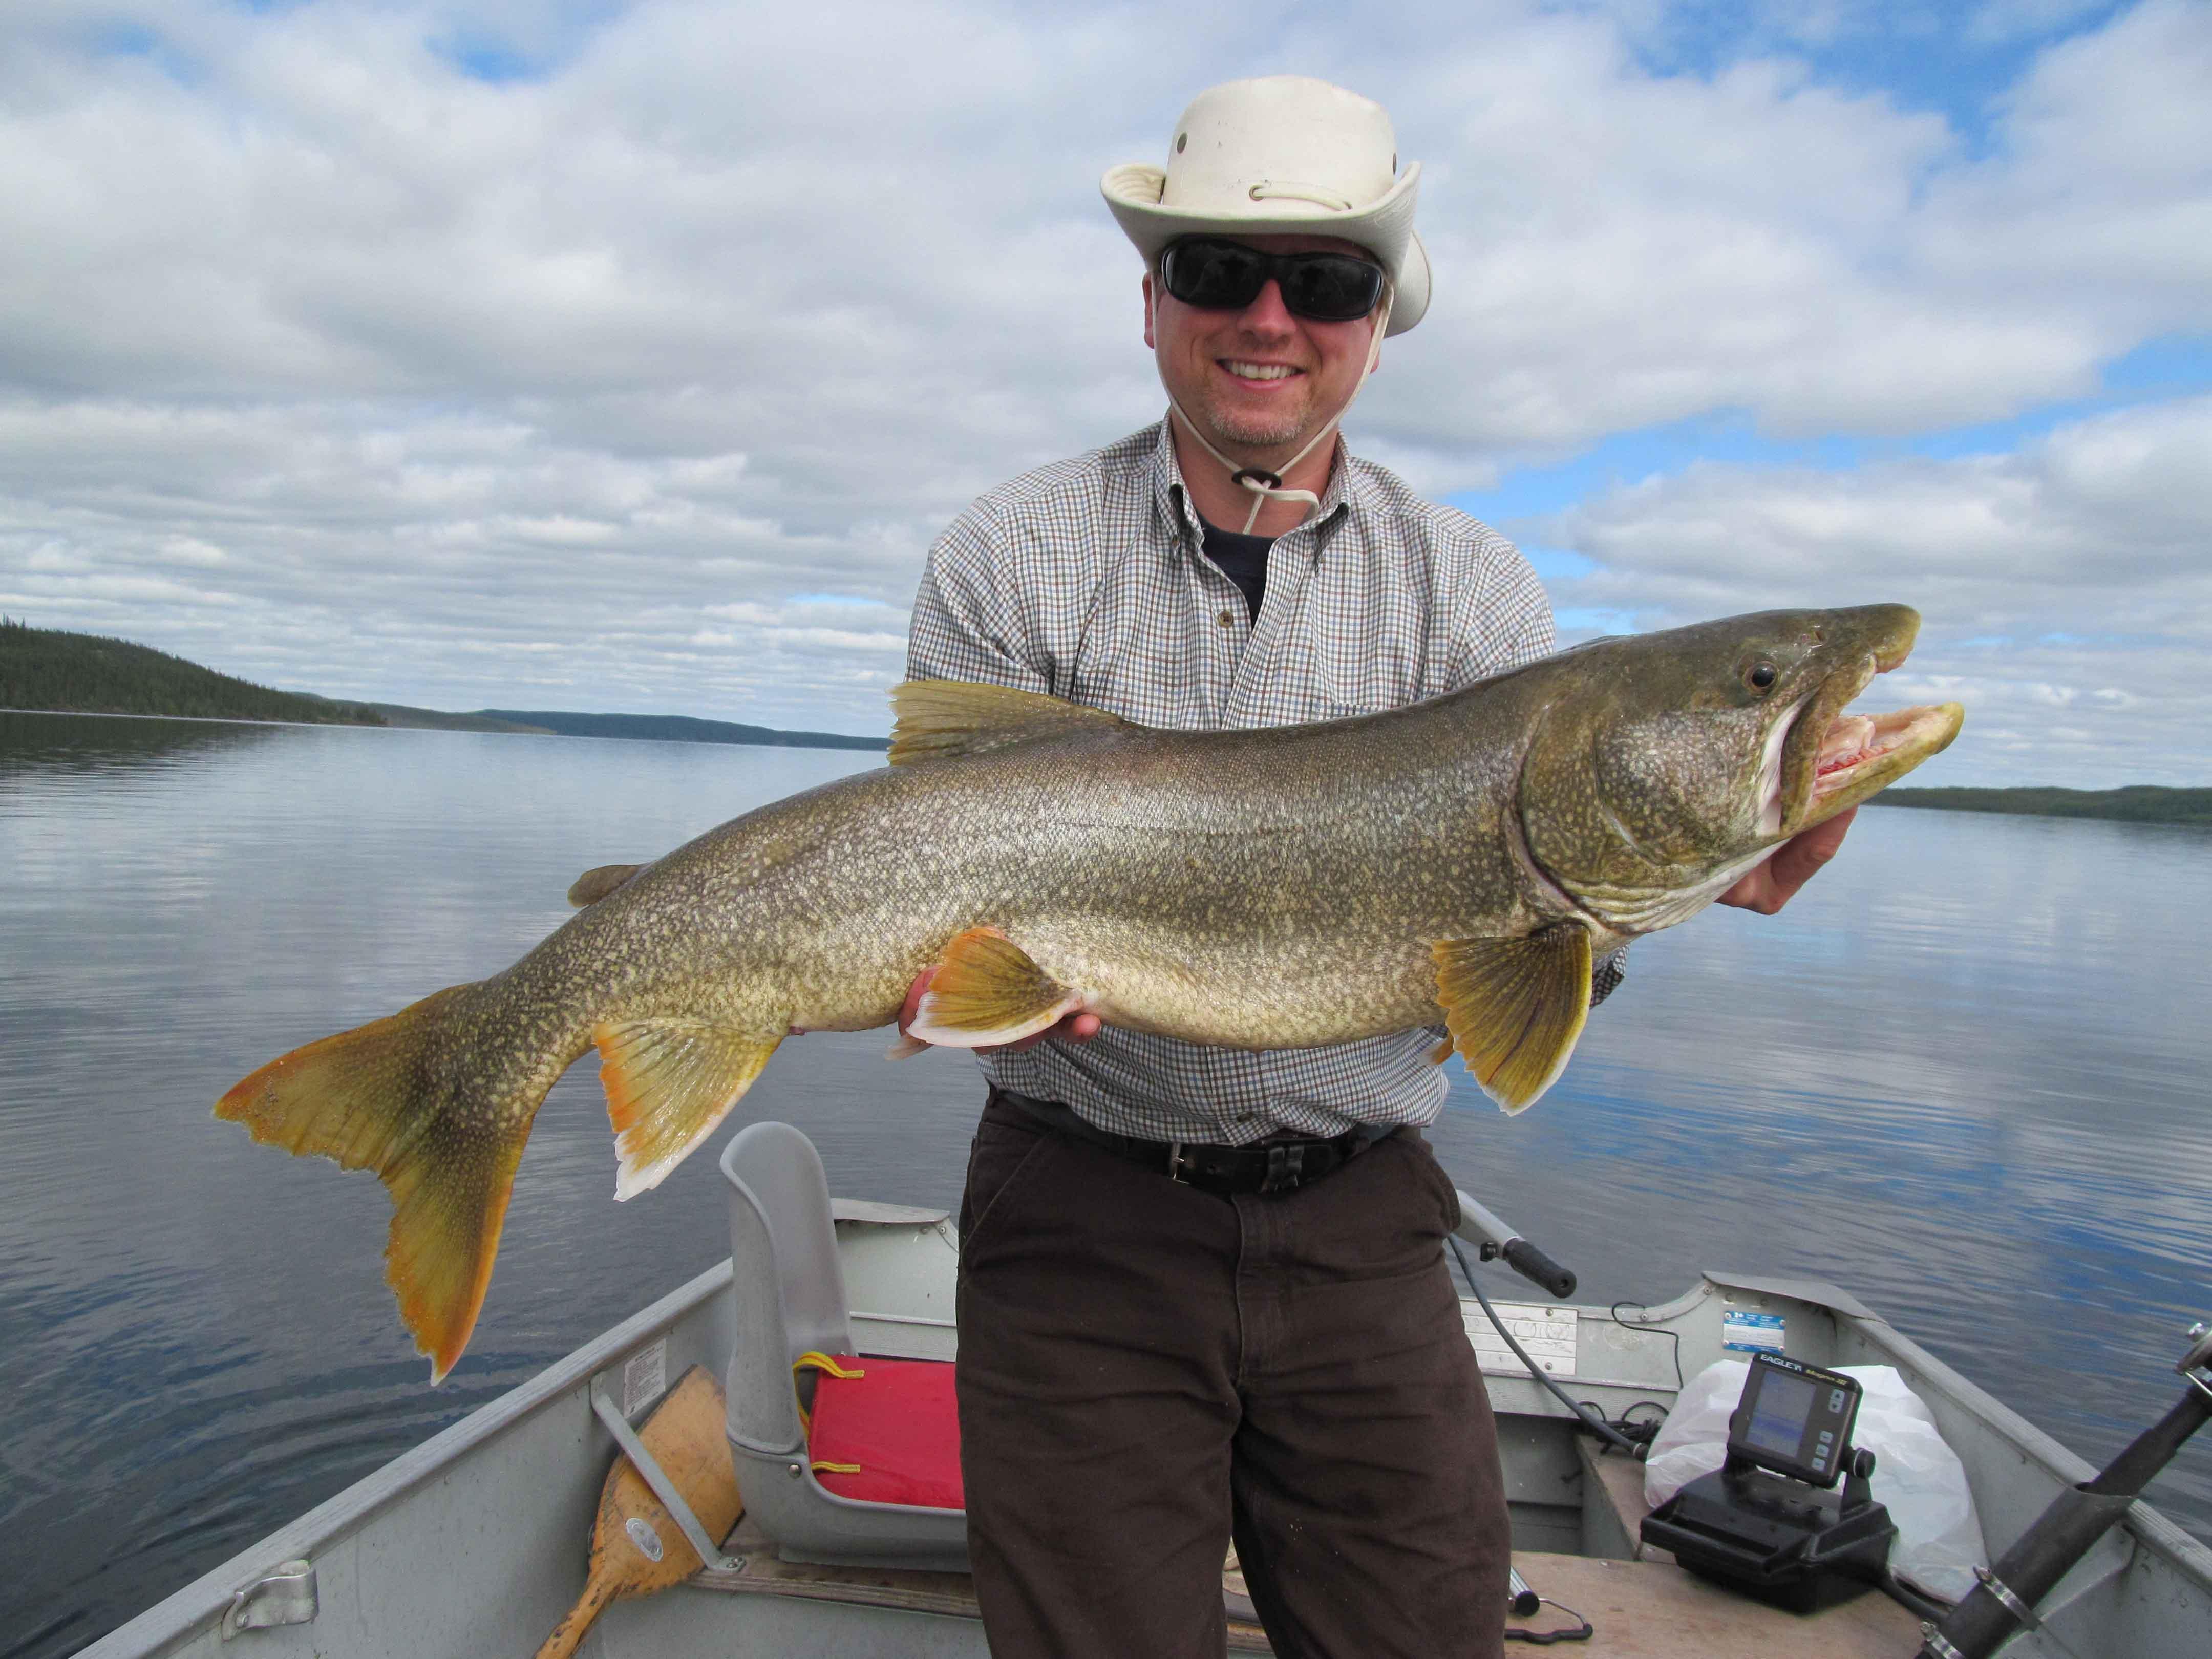 Nonacho_Lake_Cowboy_fishing_big_lake_trout